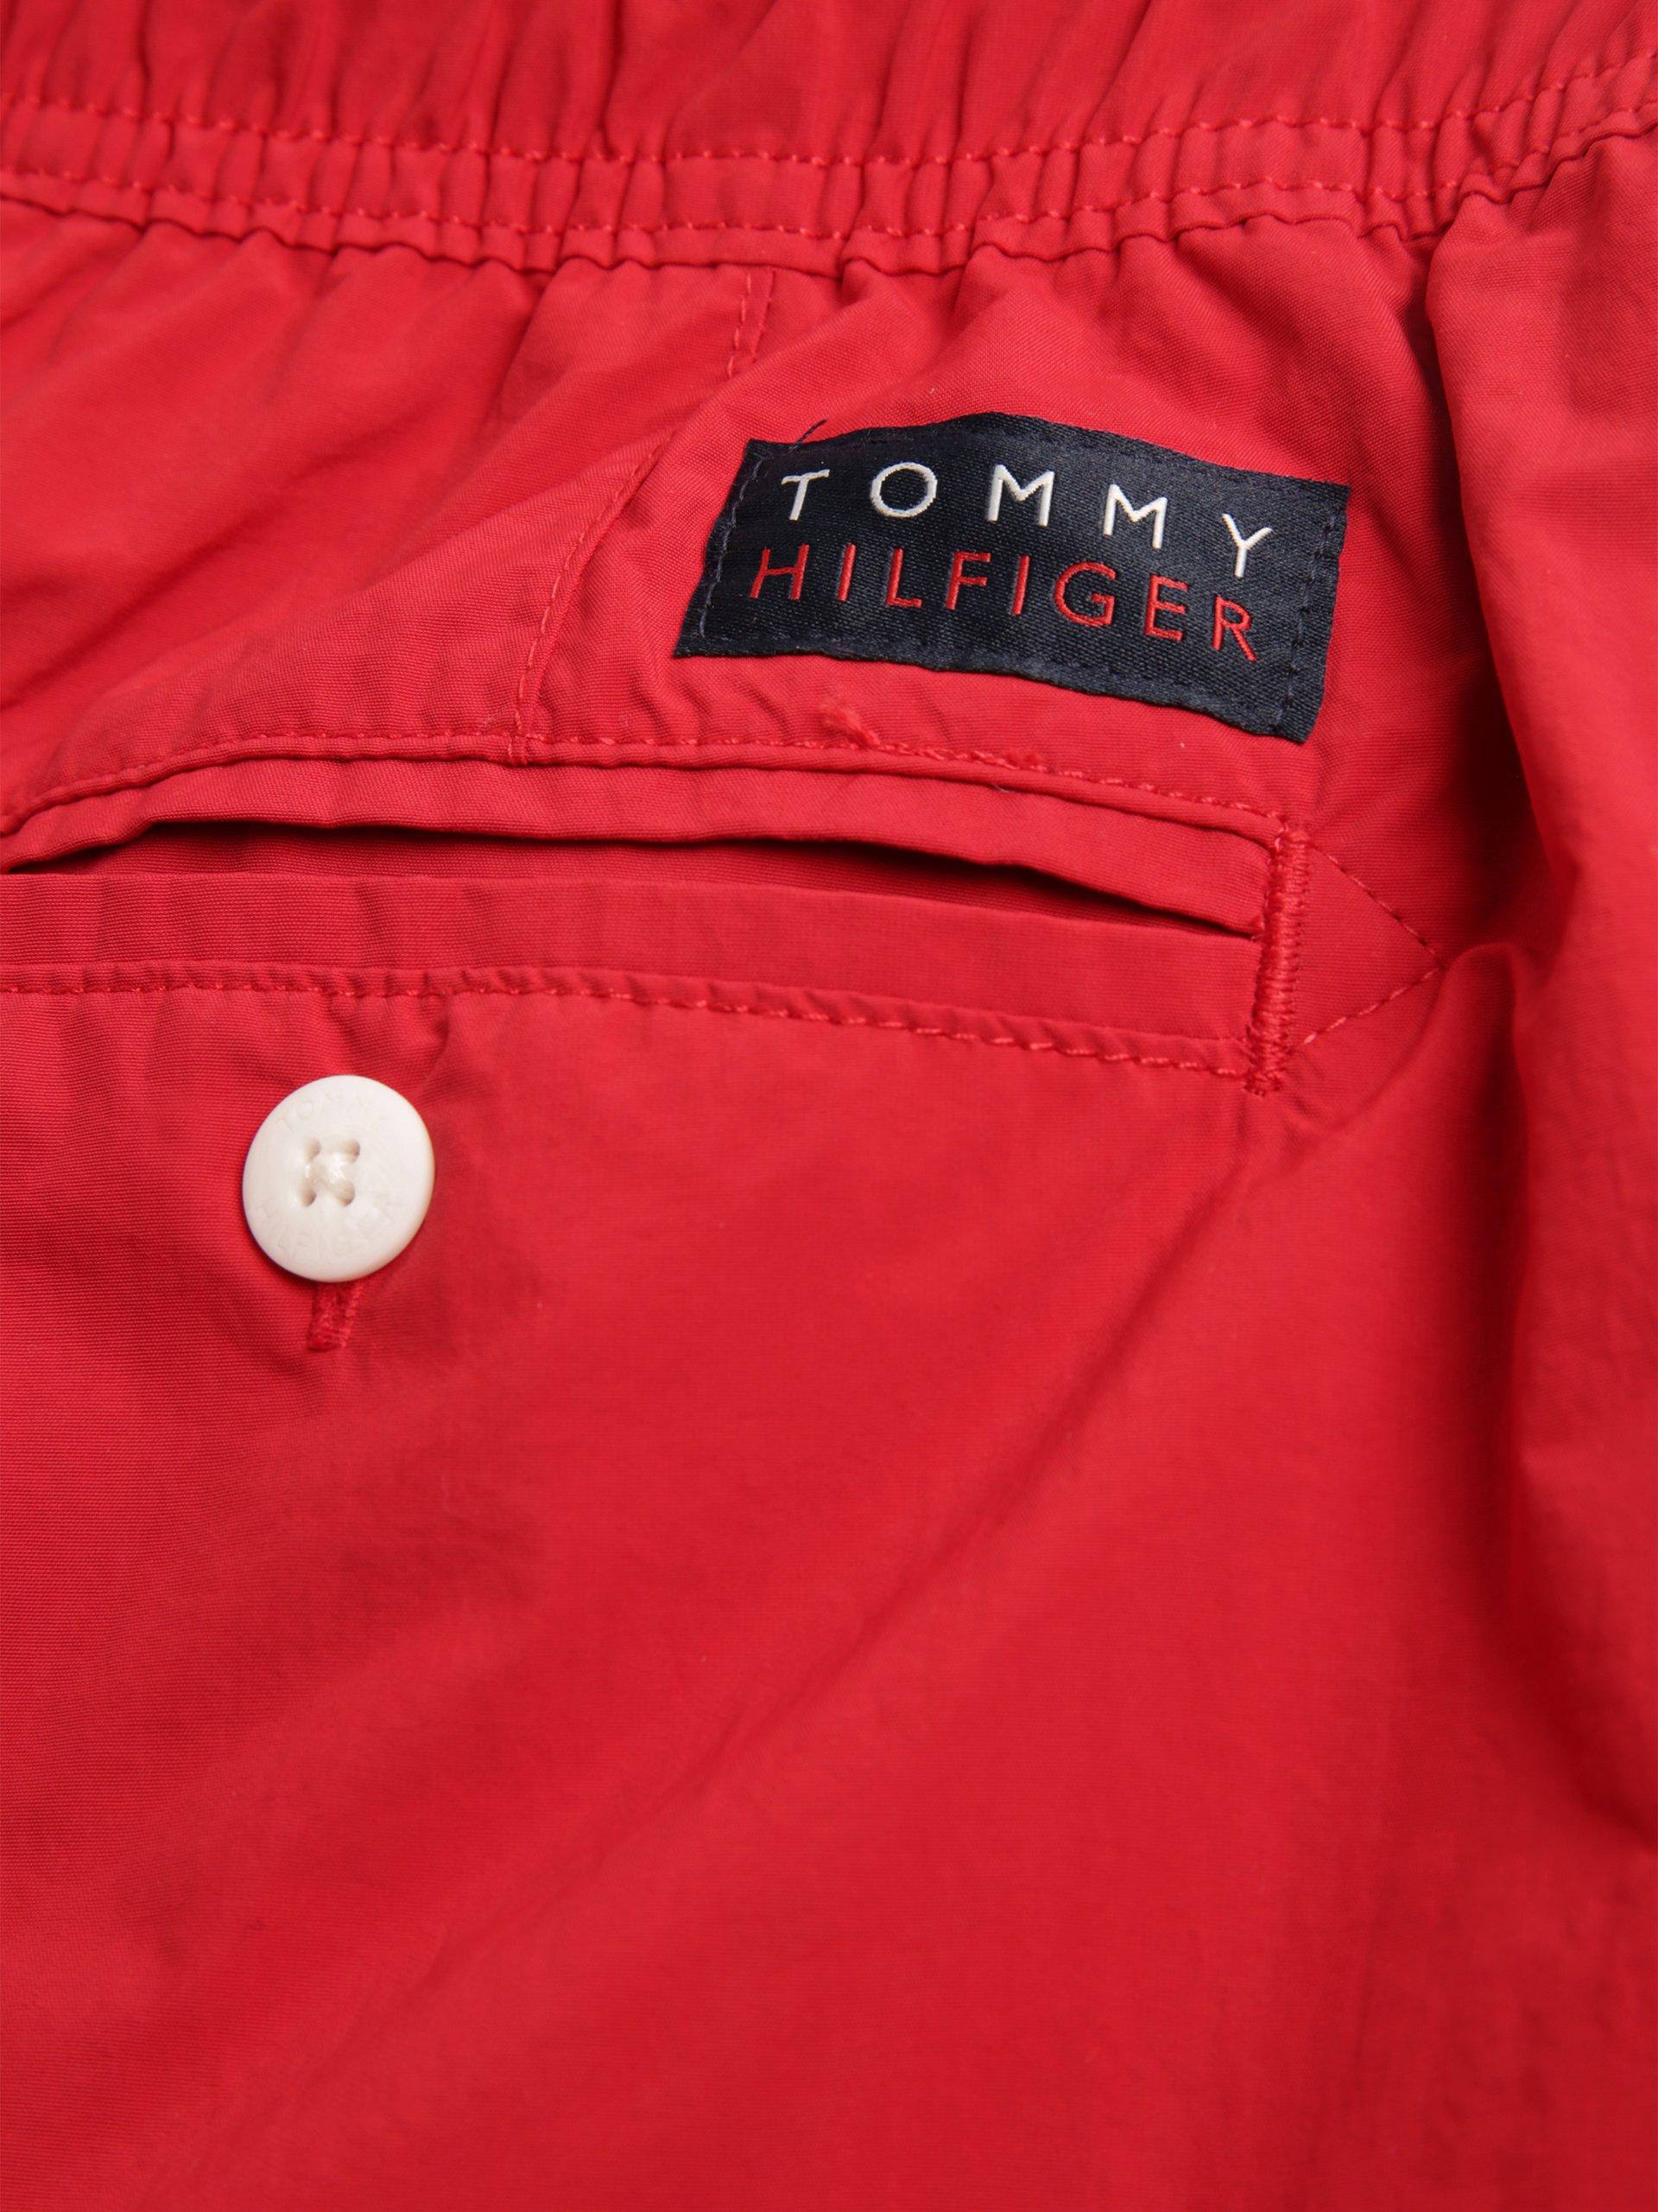 Tommy Hilfiger Męskie spodenki kąpielowe